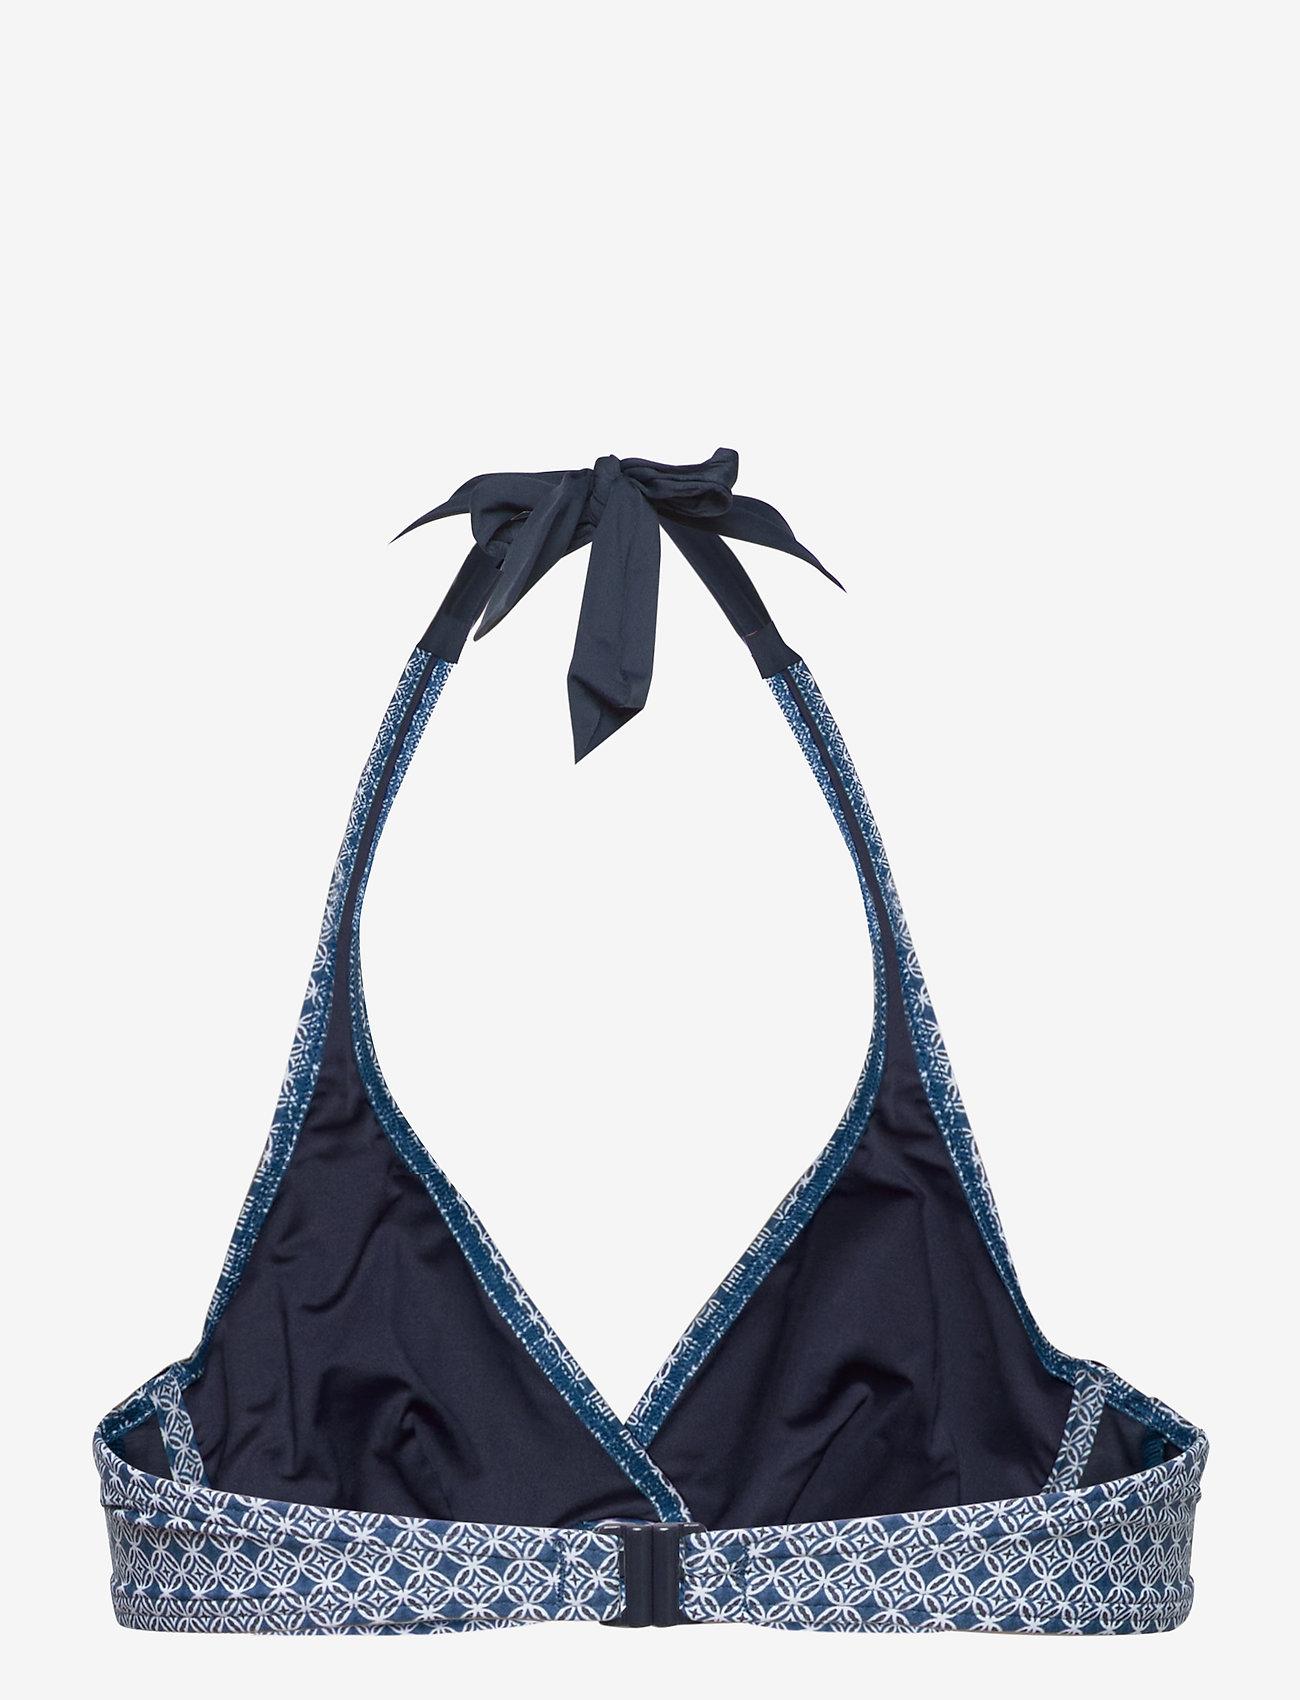 Beach Tops With Wire (Navy 2) - Esprit Bodywear Women RobL5t